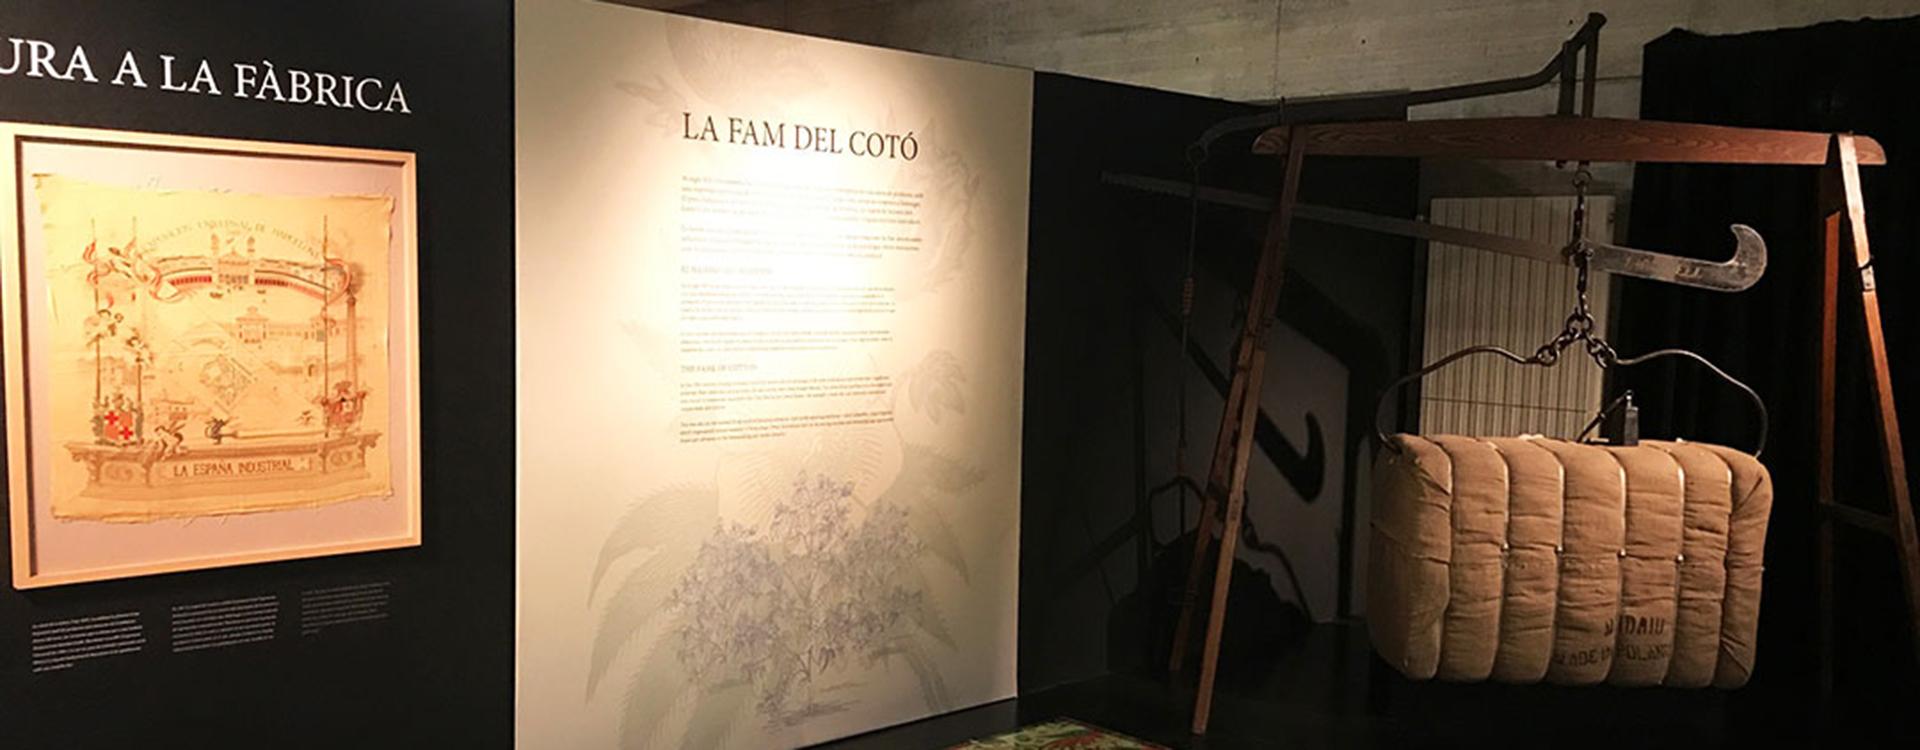 Remodelació del Museu de l'Estampació de Premià de Mar